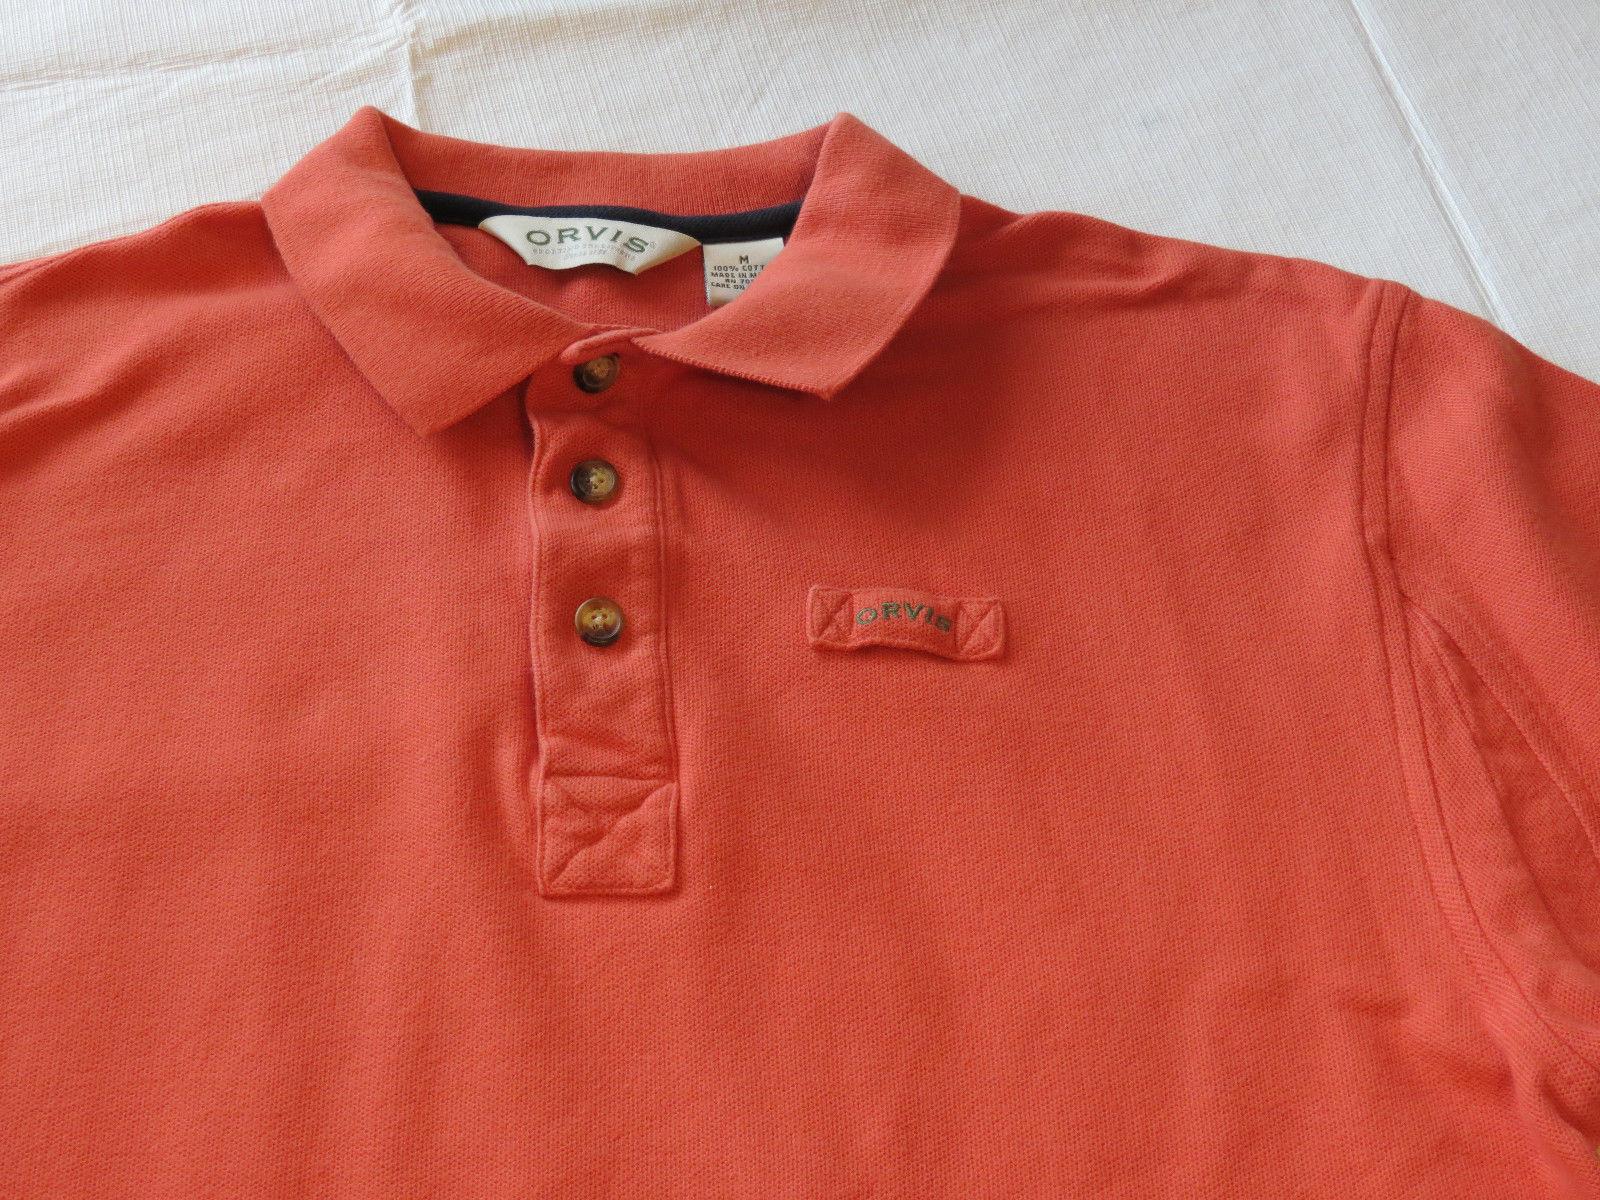 e6cd0b13304 Mens Orvis orange polo shirt cotton M short and 11 similar items